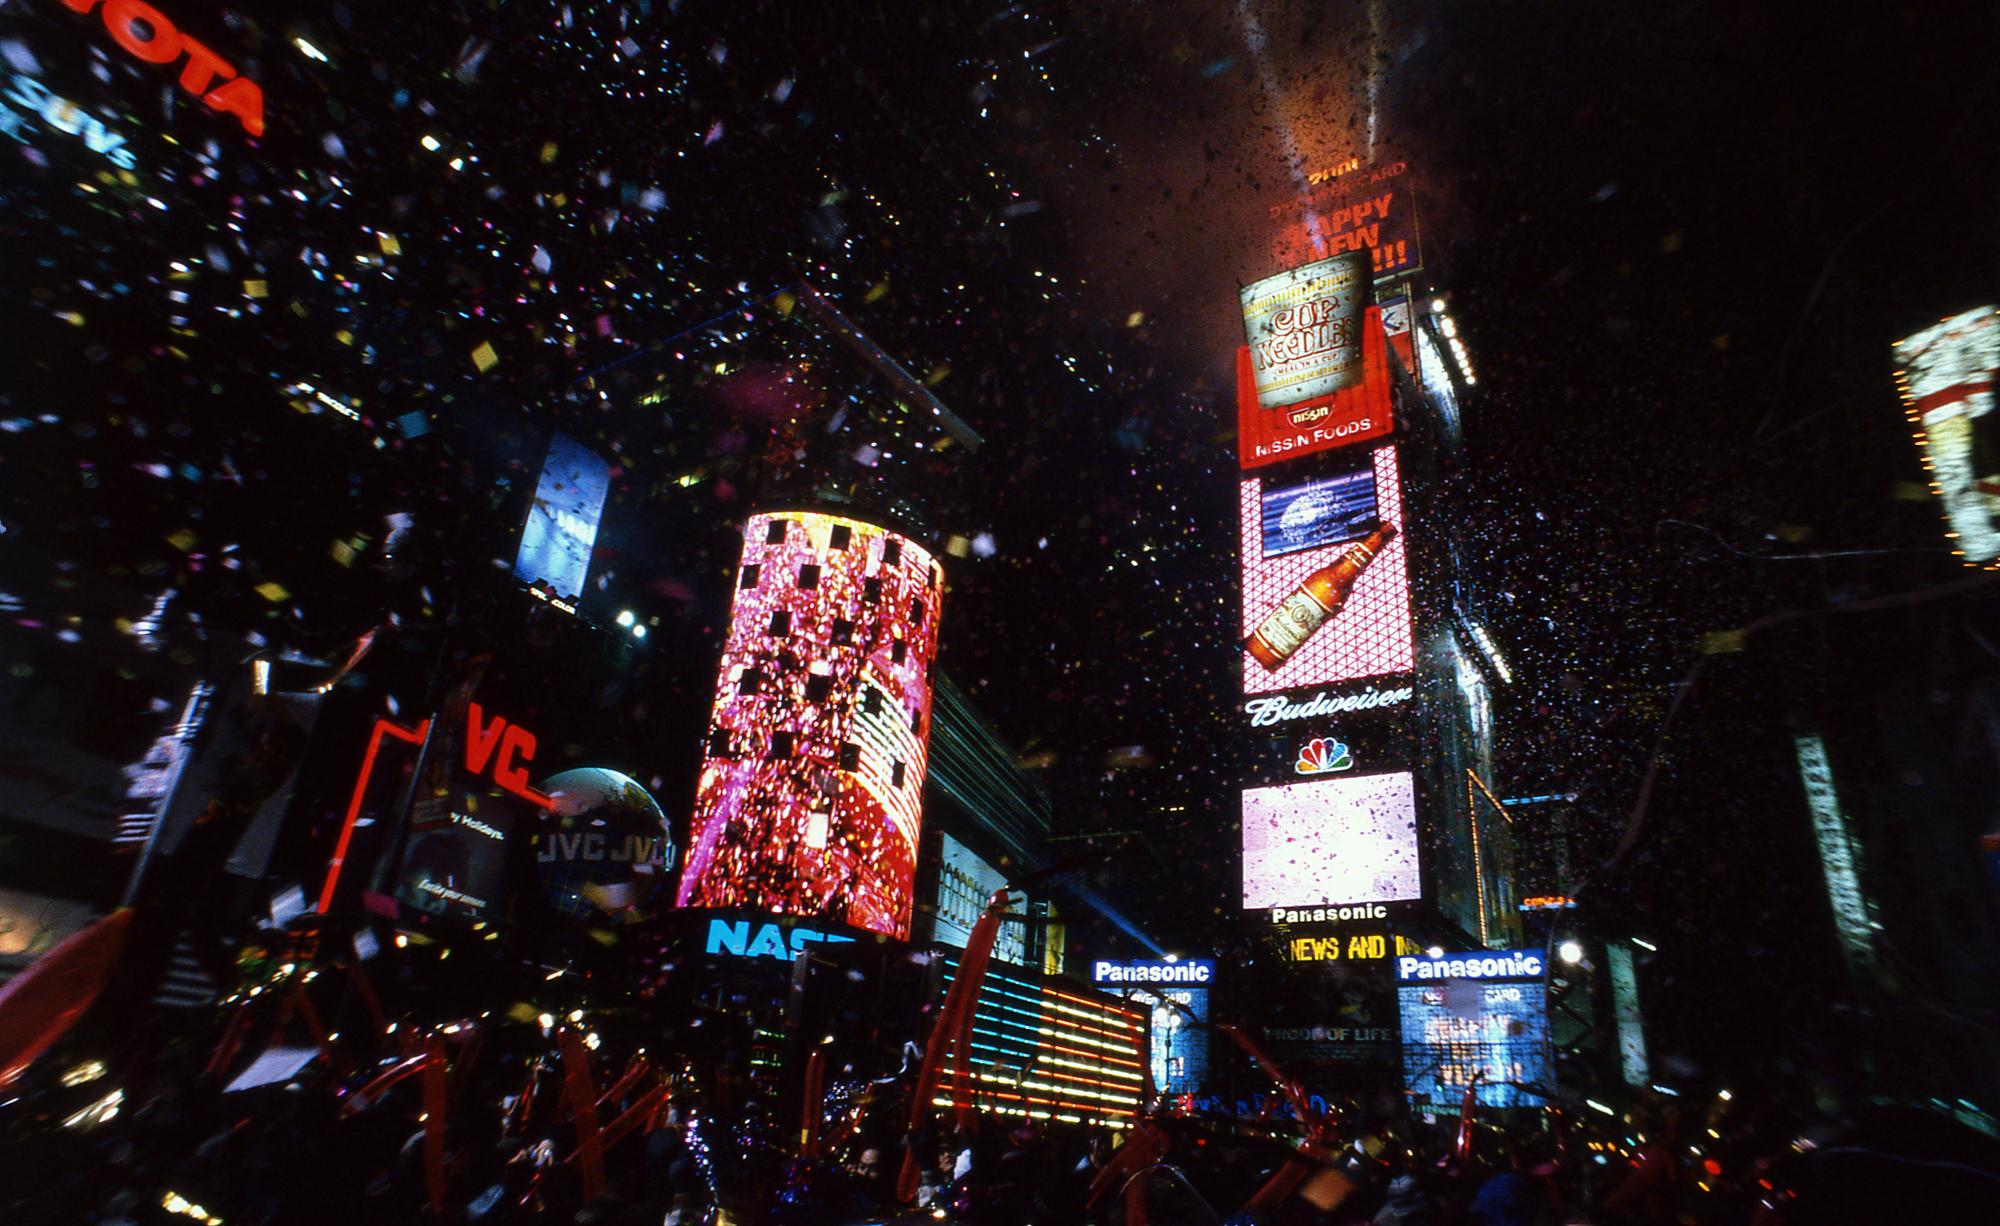 ニューイヤーを迎える瞬間には1トン分の紙吹雪!46丁目あたりがベスト!